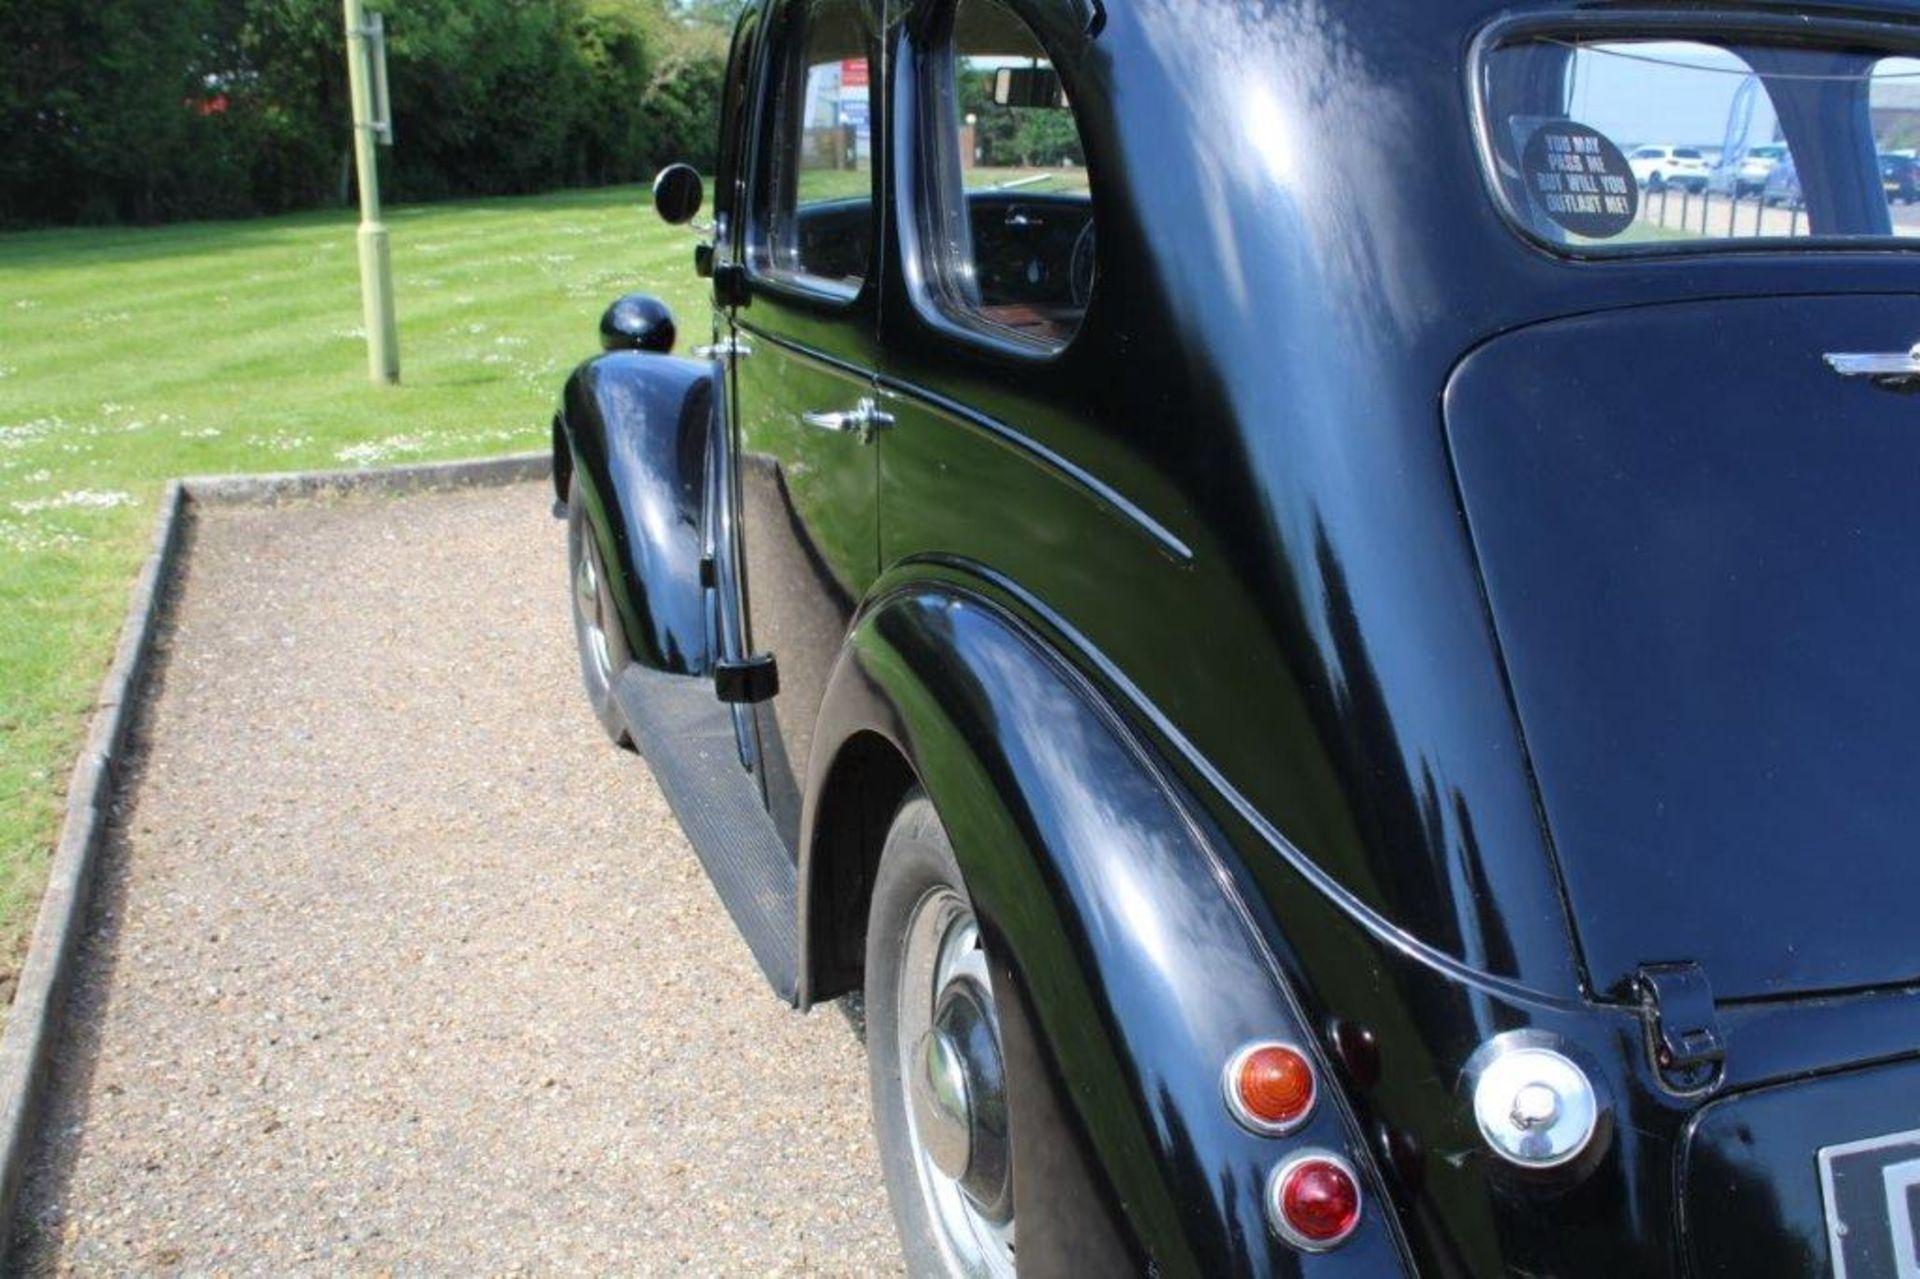 1946 Ford Prefect E93A - Image 6 of 30